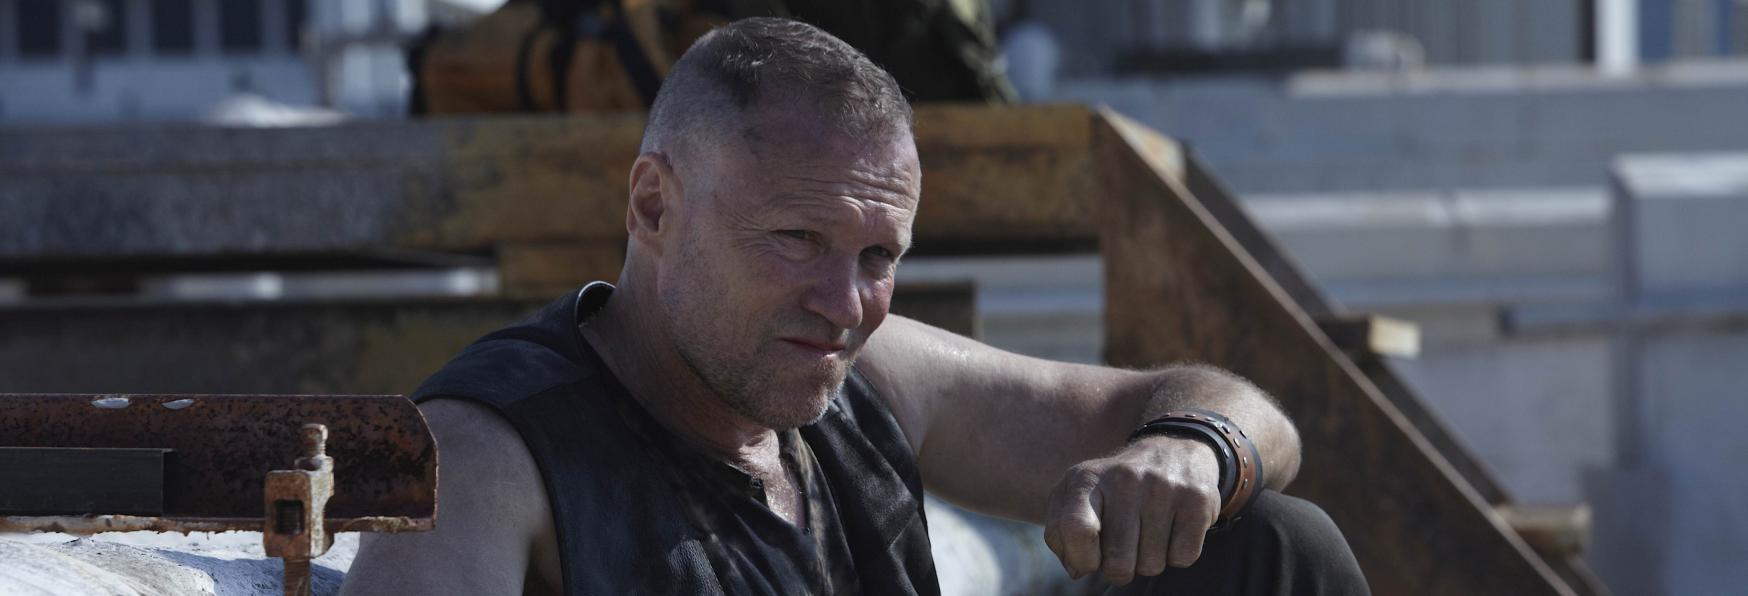 The Walking Dead: Michael Rooker racconta che la Produzione era inizialmente Indecisa riguardo Merle